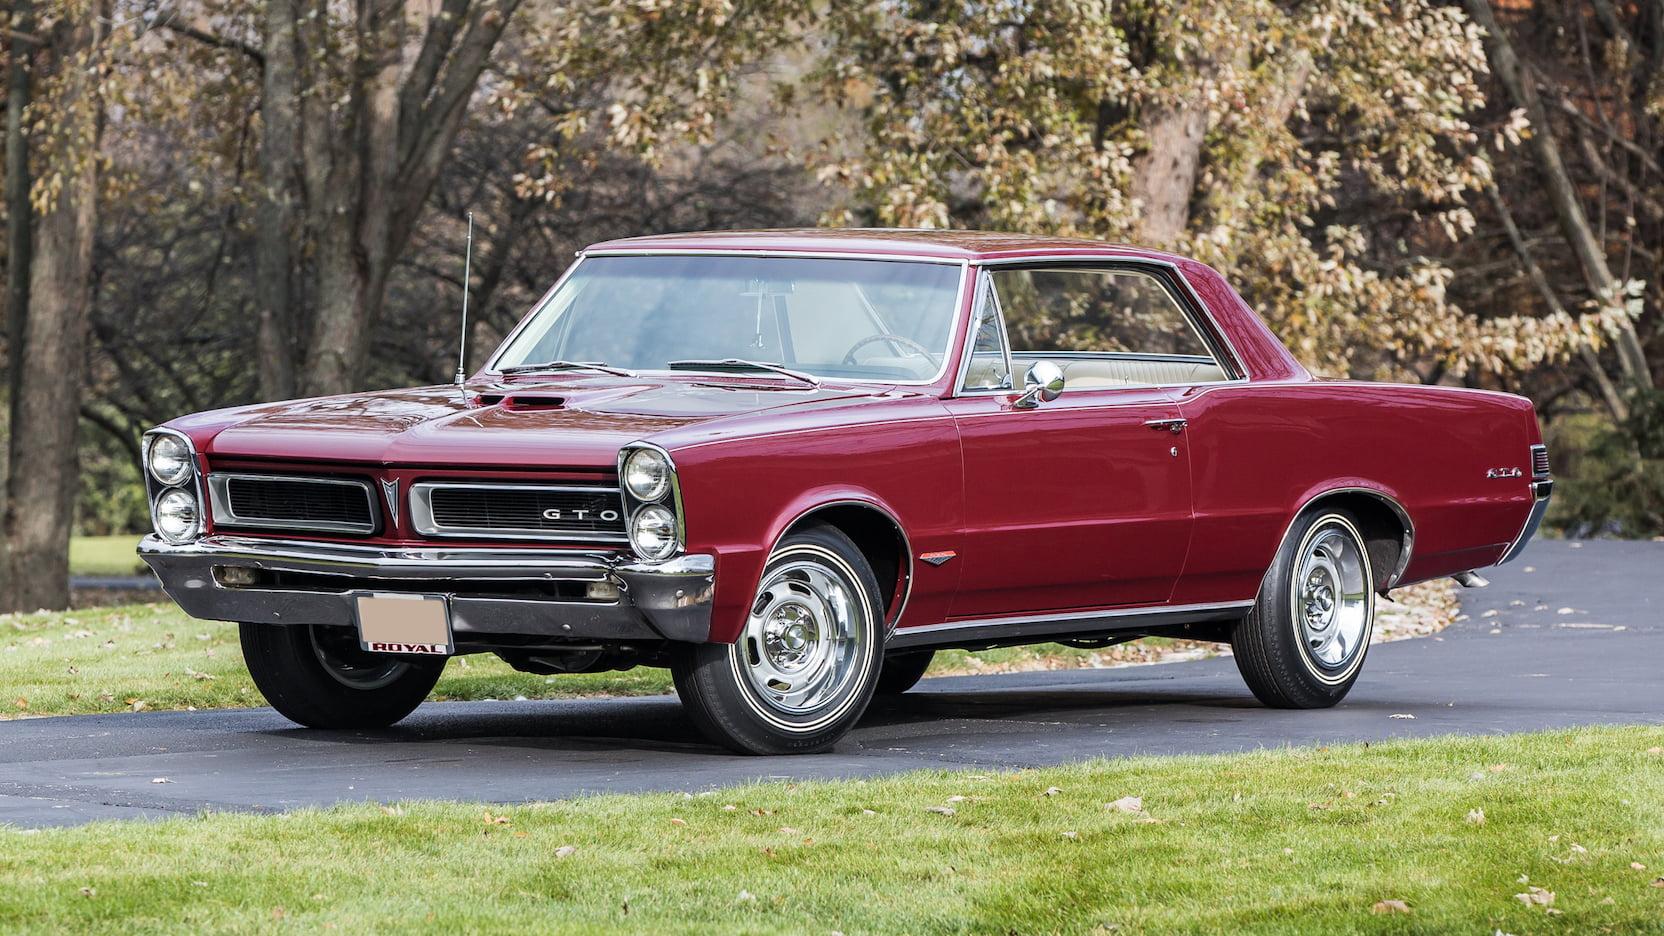 1965 Pontiac GTO exterior